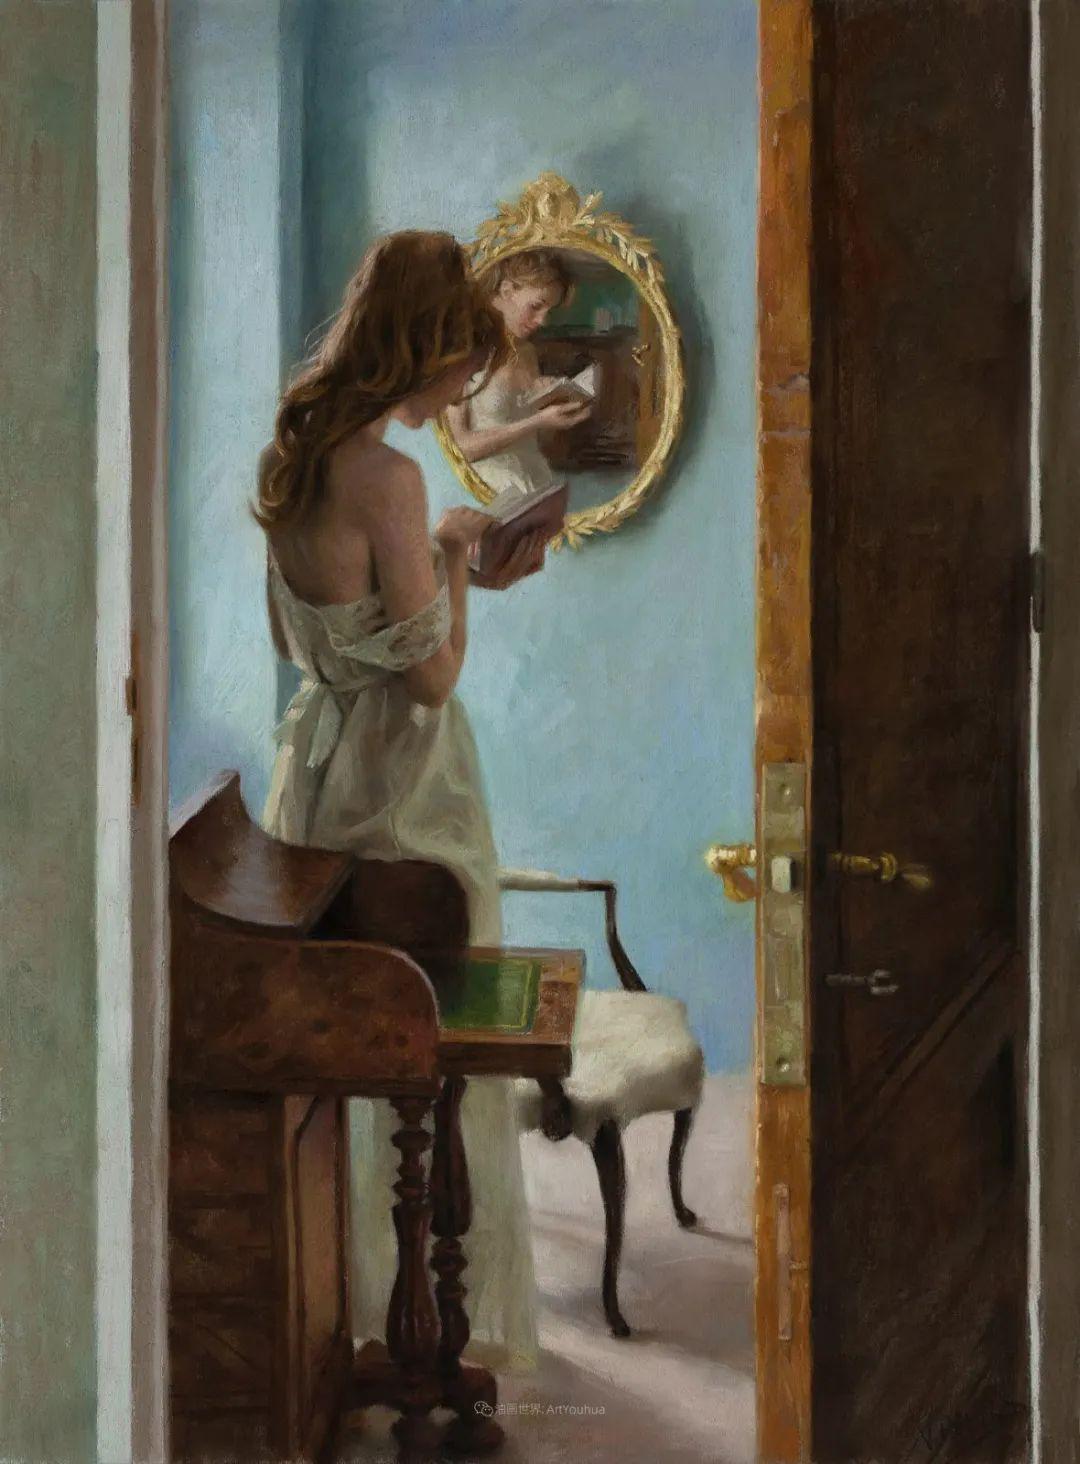 地中海暖阳下,穿裙的女子,浪漫美丽!插图33